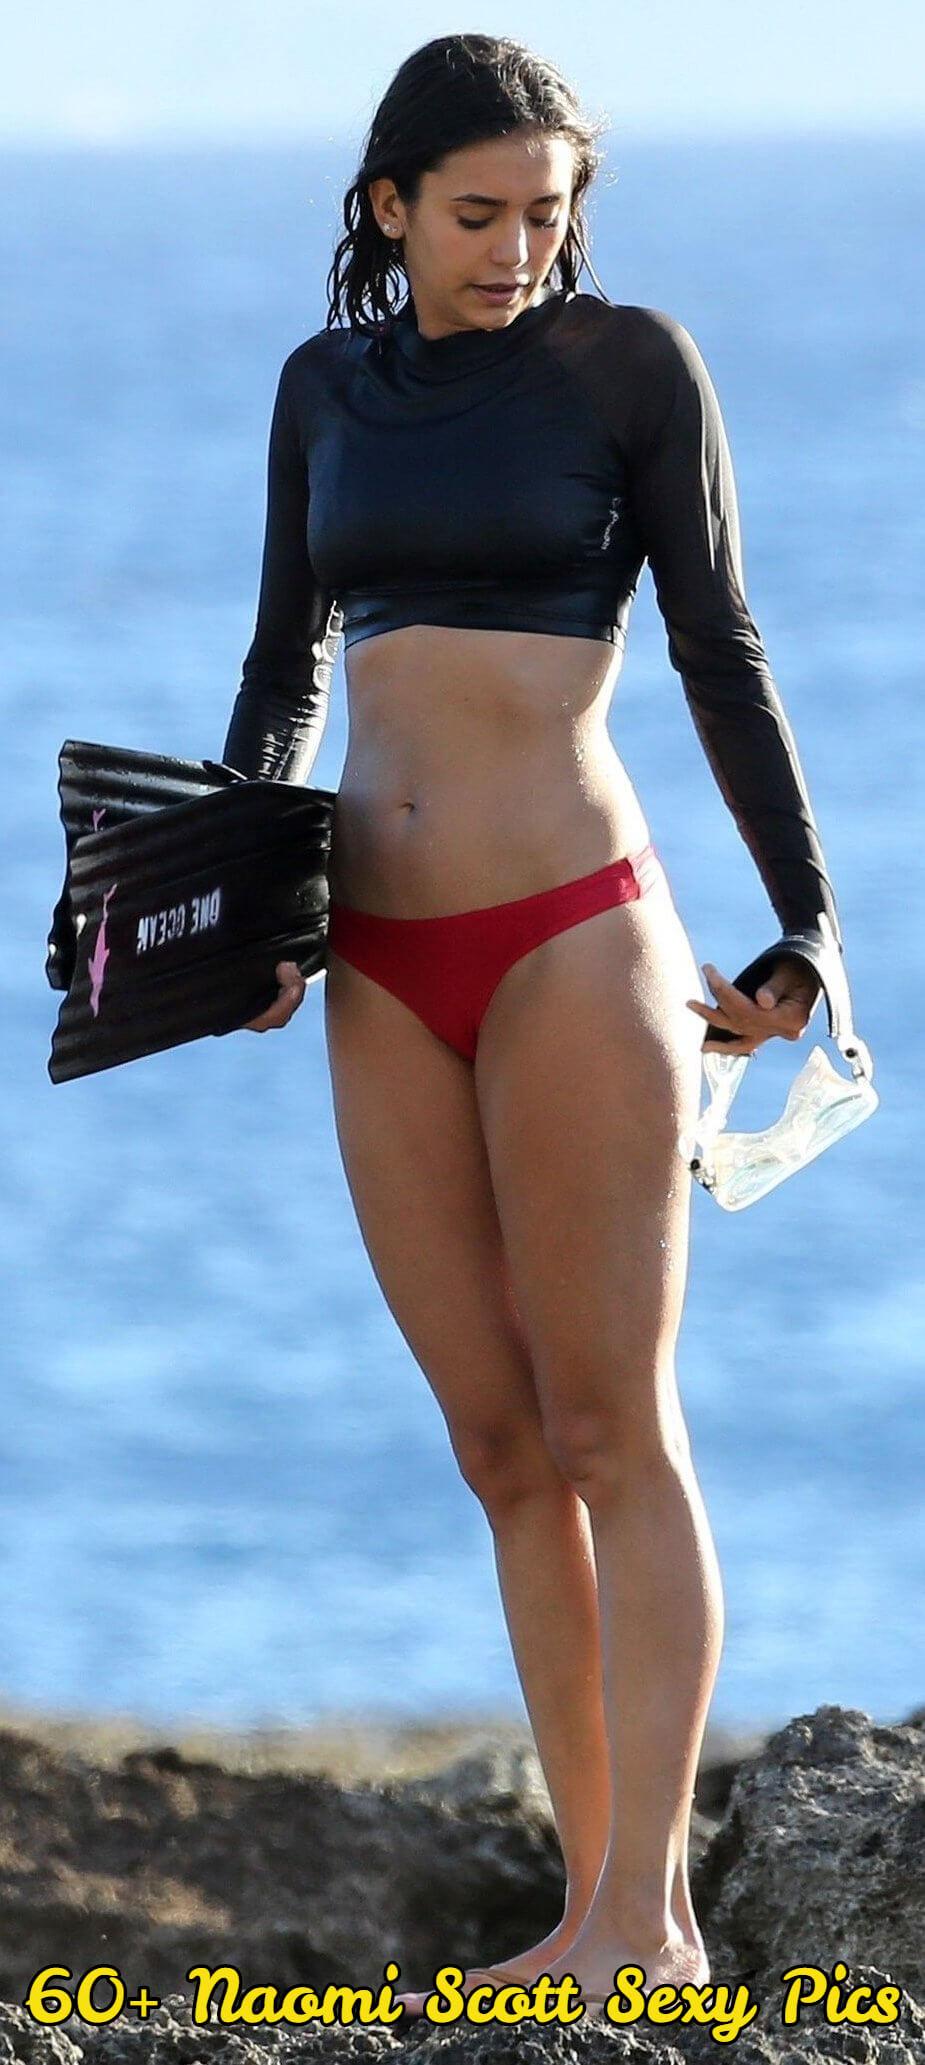 Naomi Scott Hot Pics